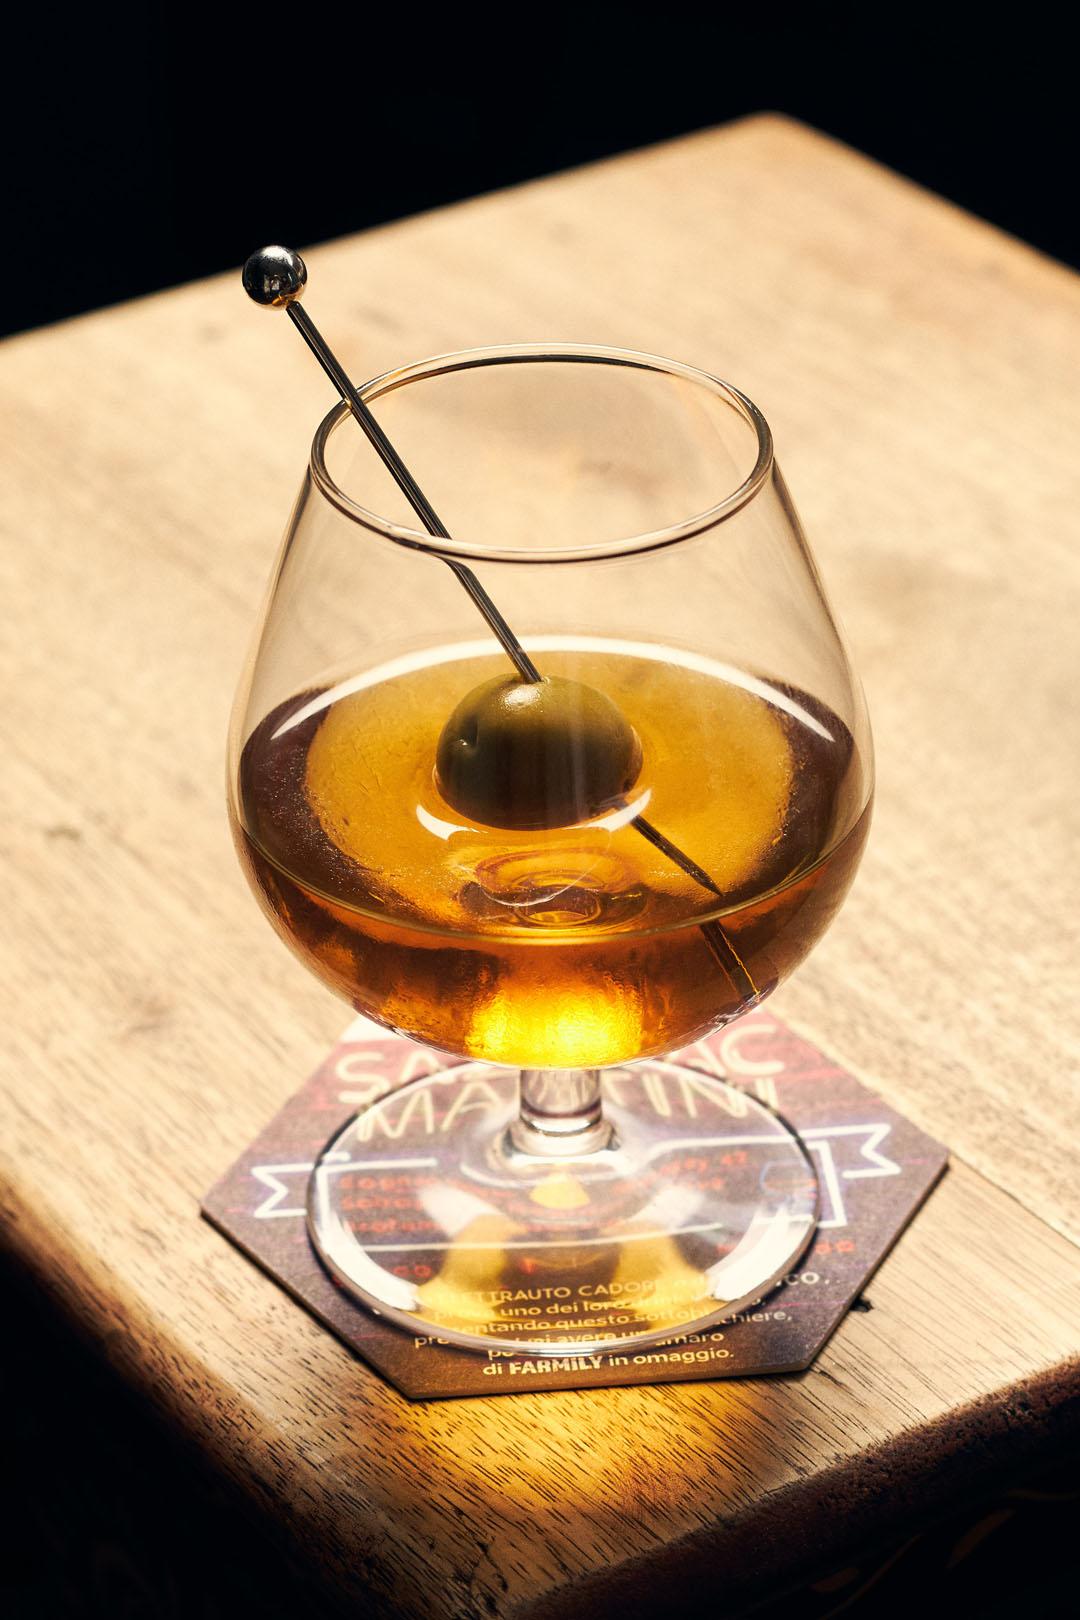 mag-cafe-nuova-drinklist-fw1920-zazerac-martini-4